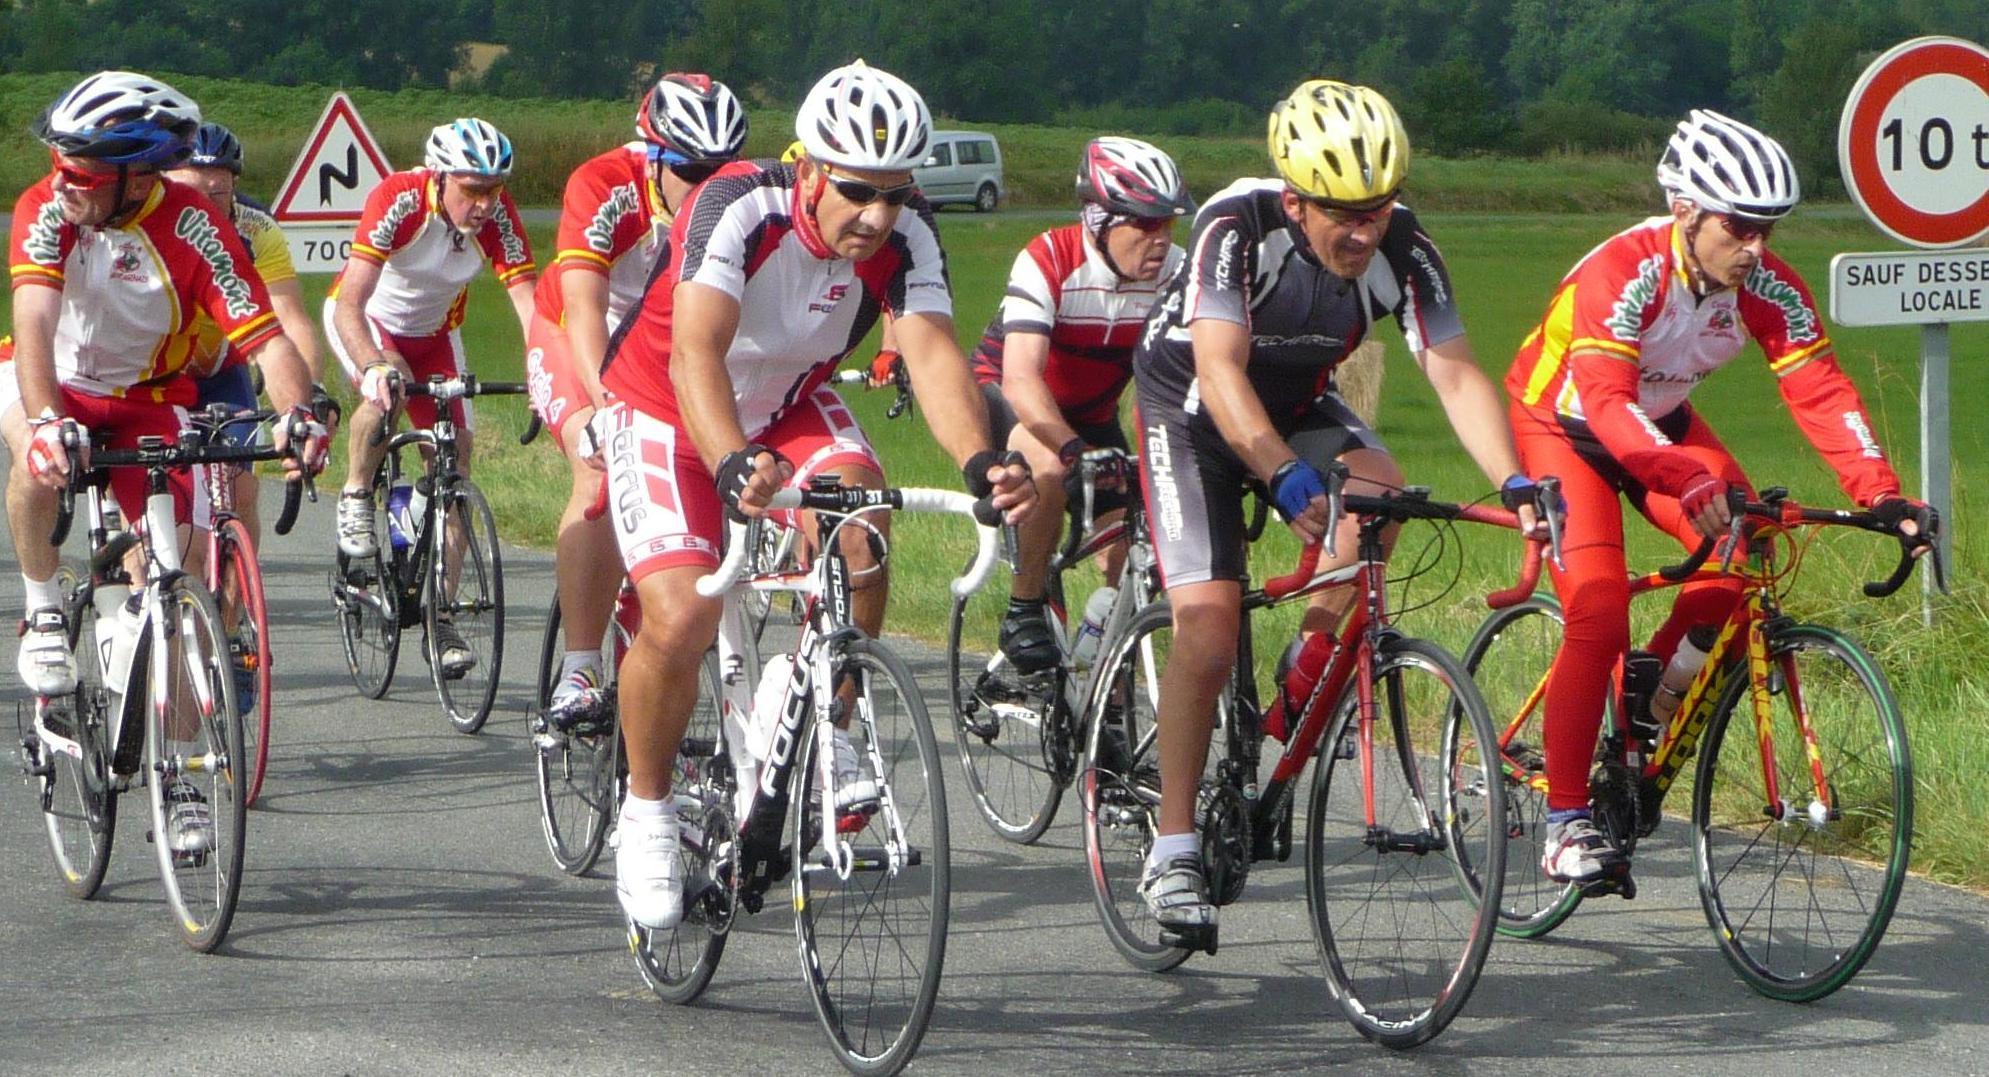 cyclo fdp blog.jpg